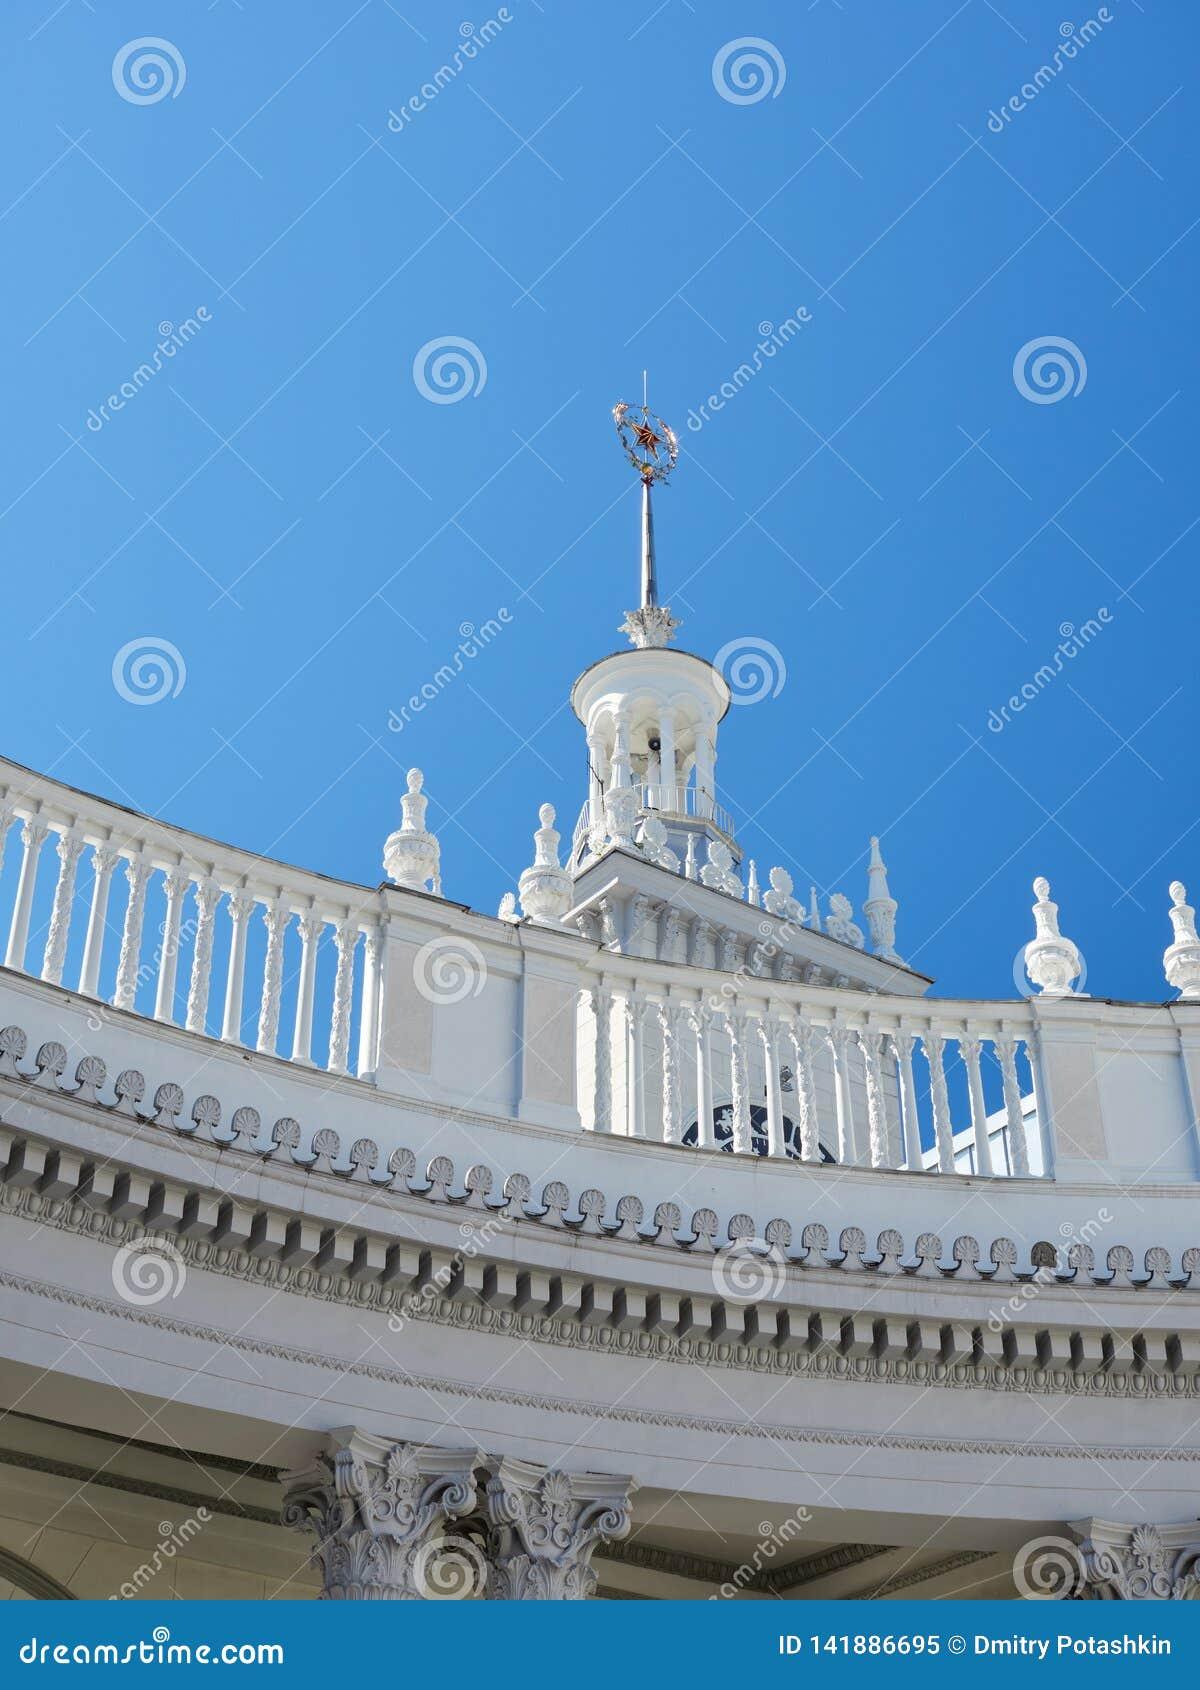 Башня с часами железнодорожного вокзала Сочи на предпосылке голубого неба